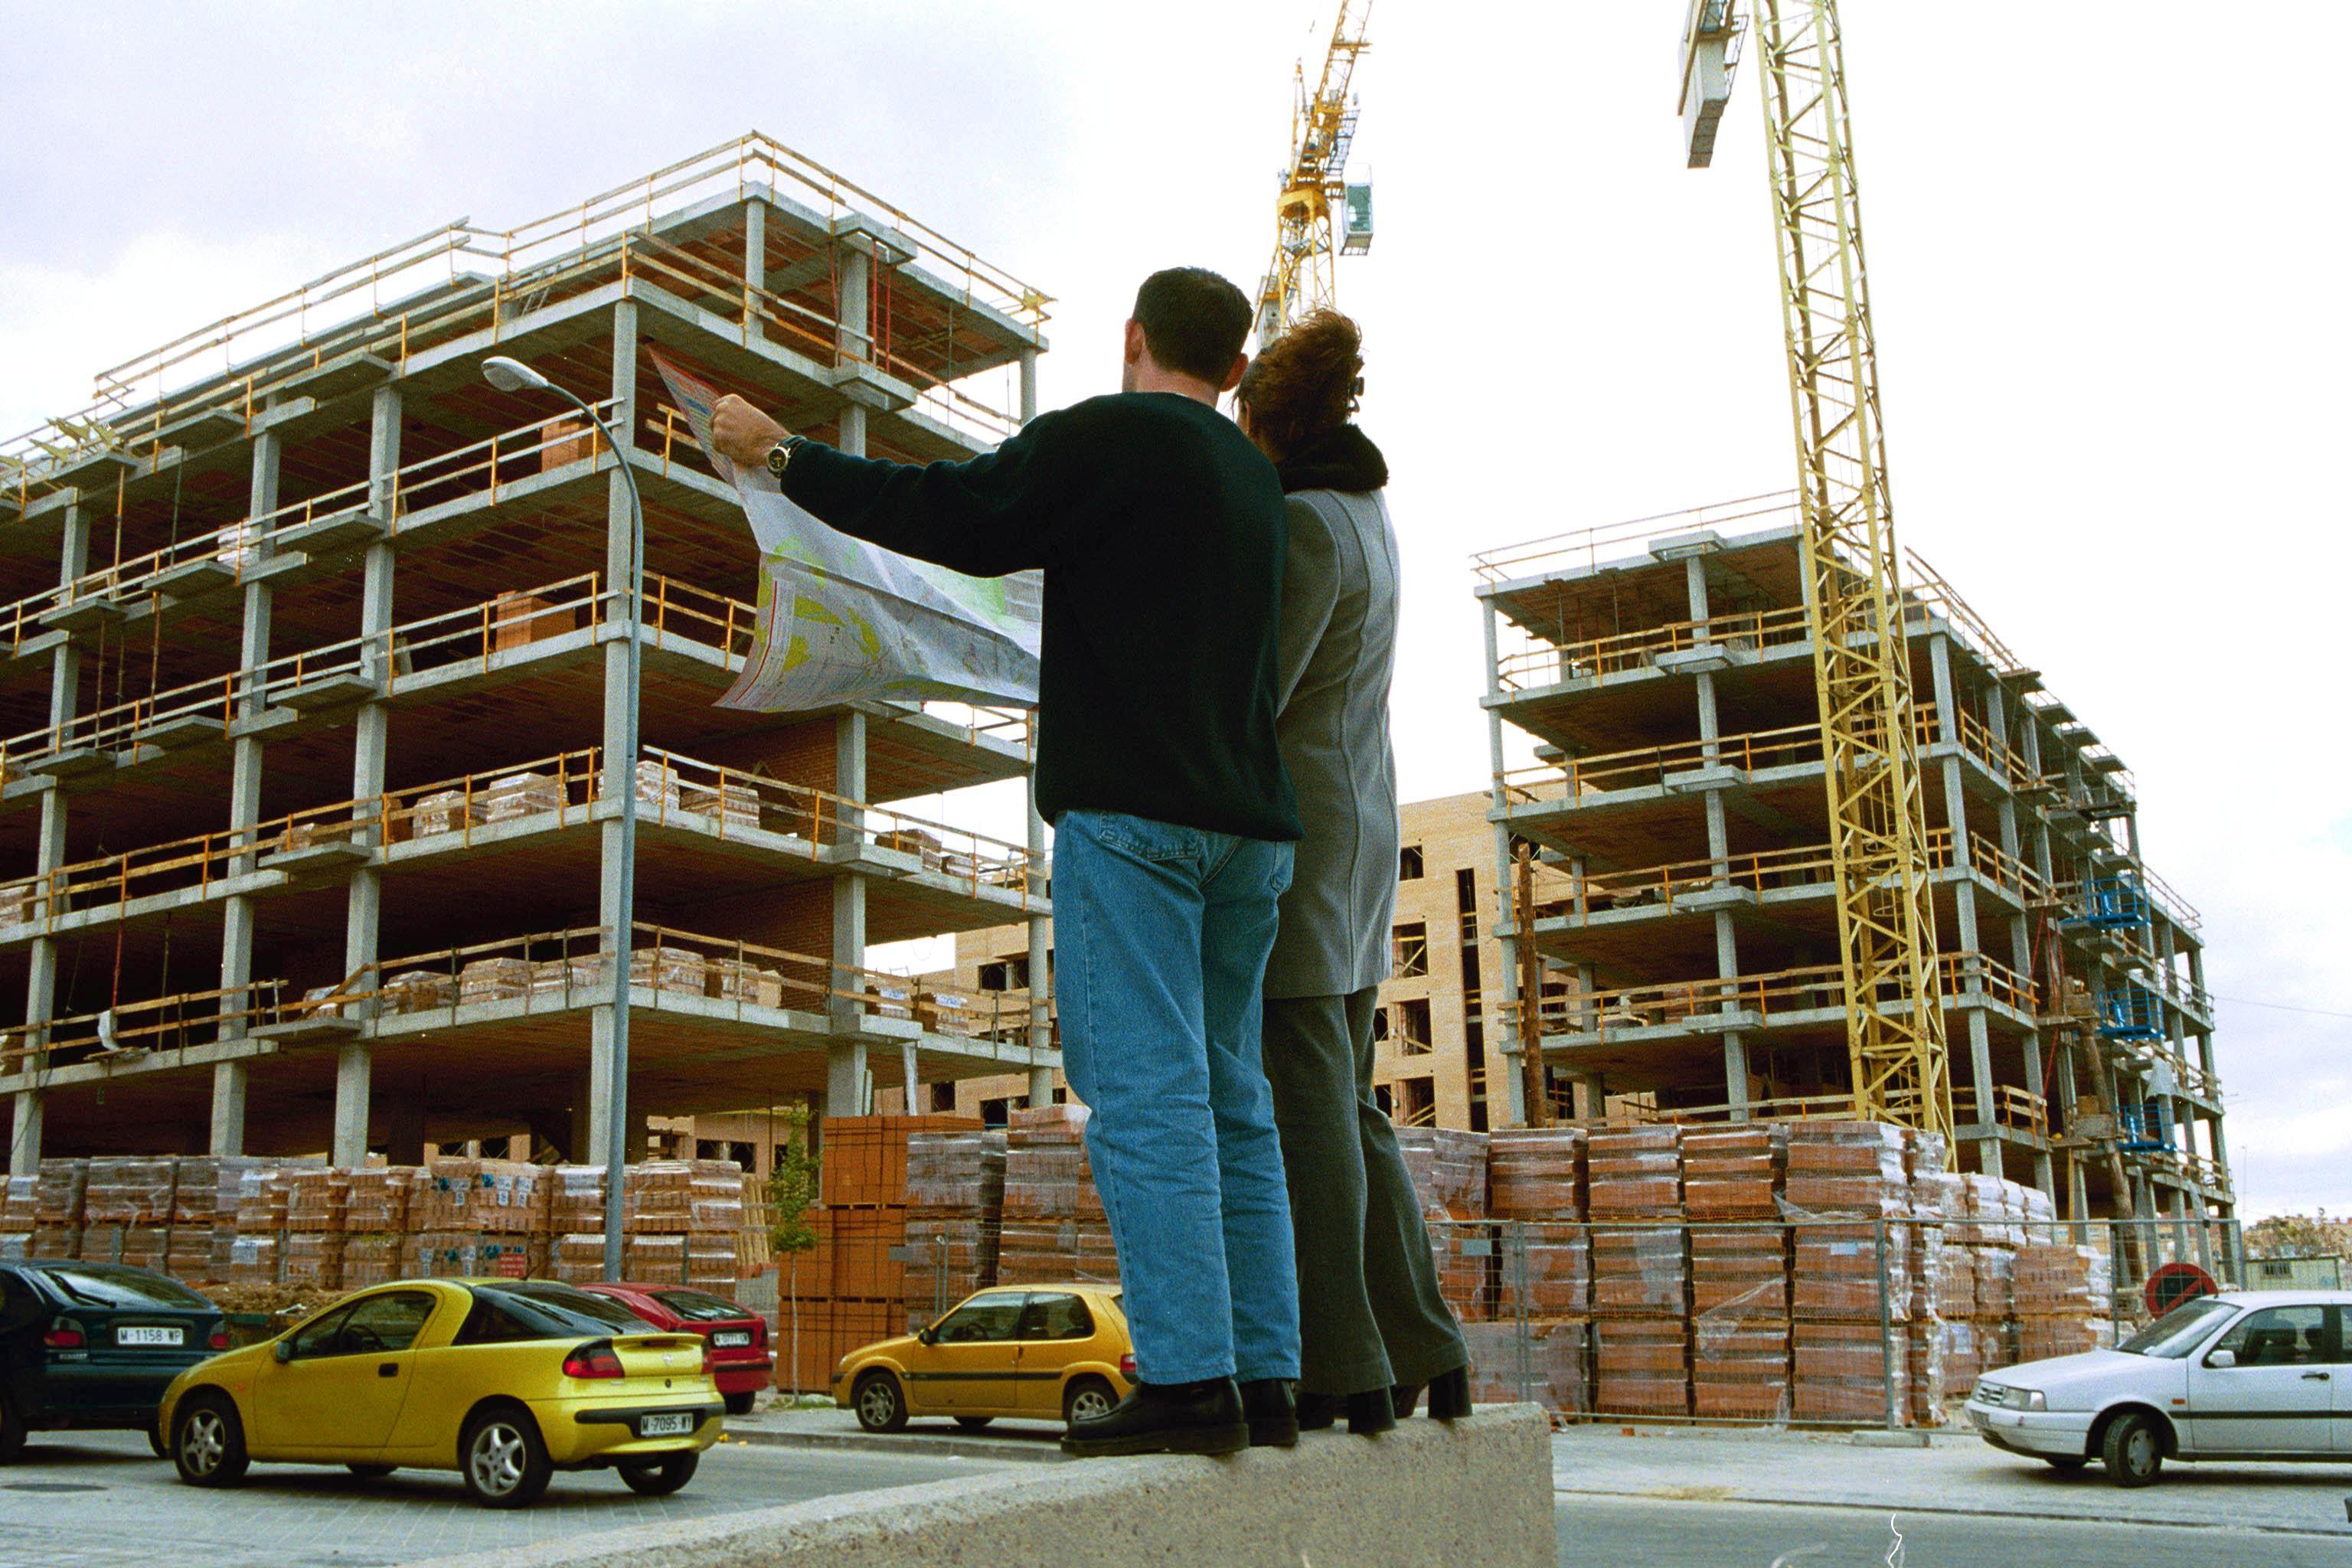 La construcción comienza a remontar. / Rodríguez Aparicio